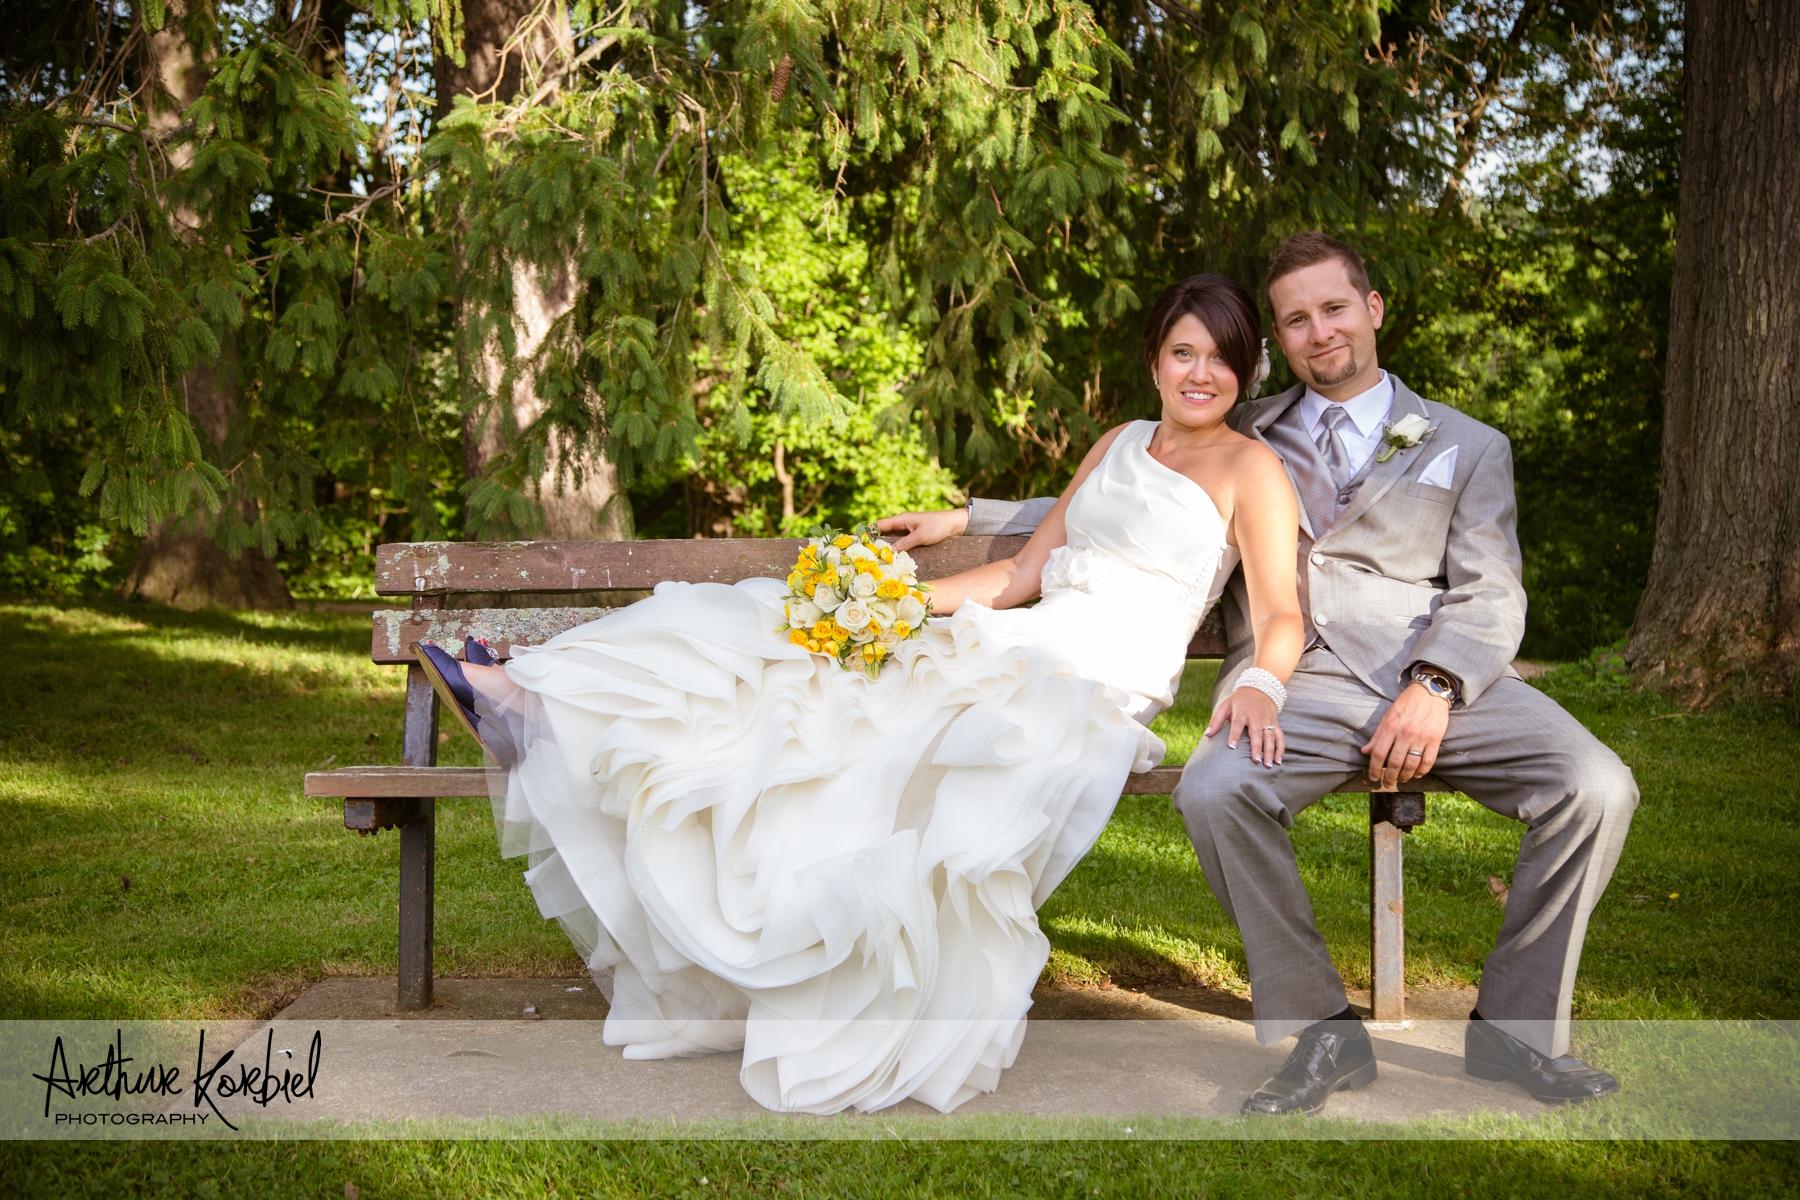 Arthur Korbiel Photography - London Wedding Photographer - Harper-002.jpg